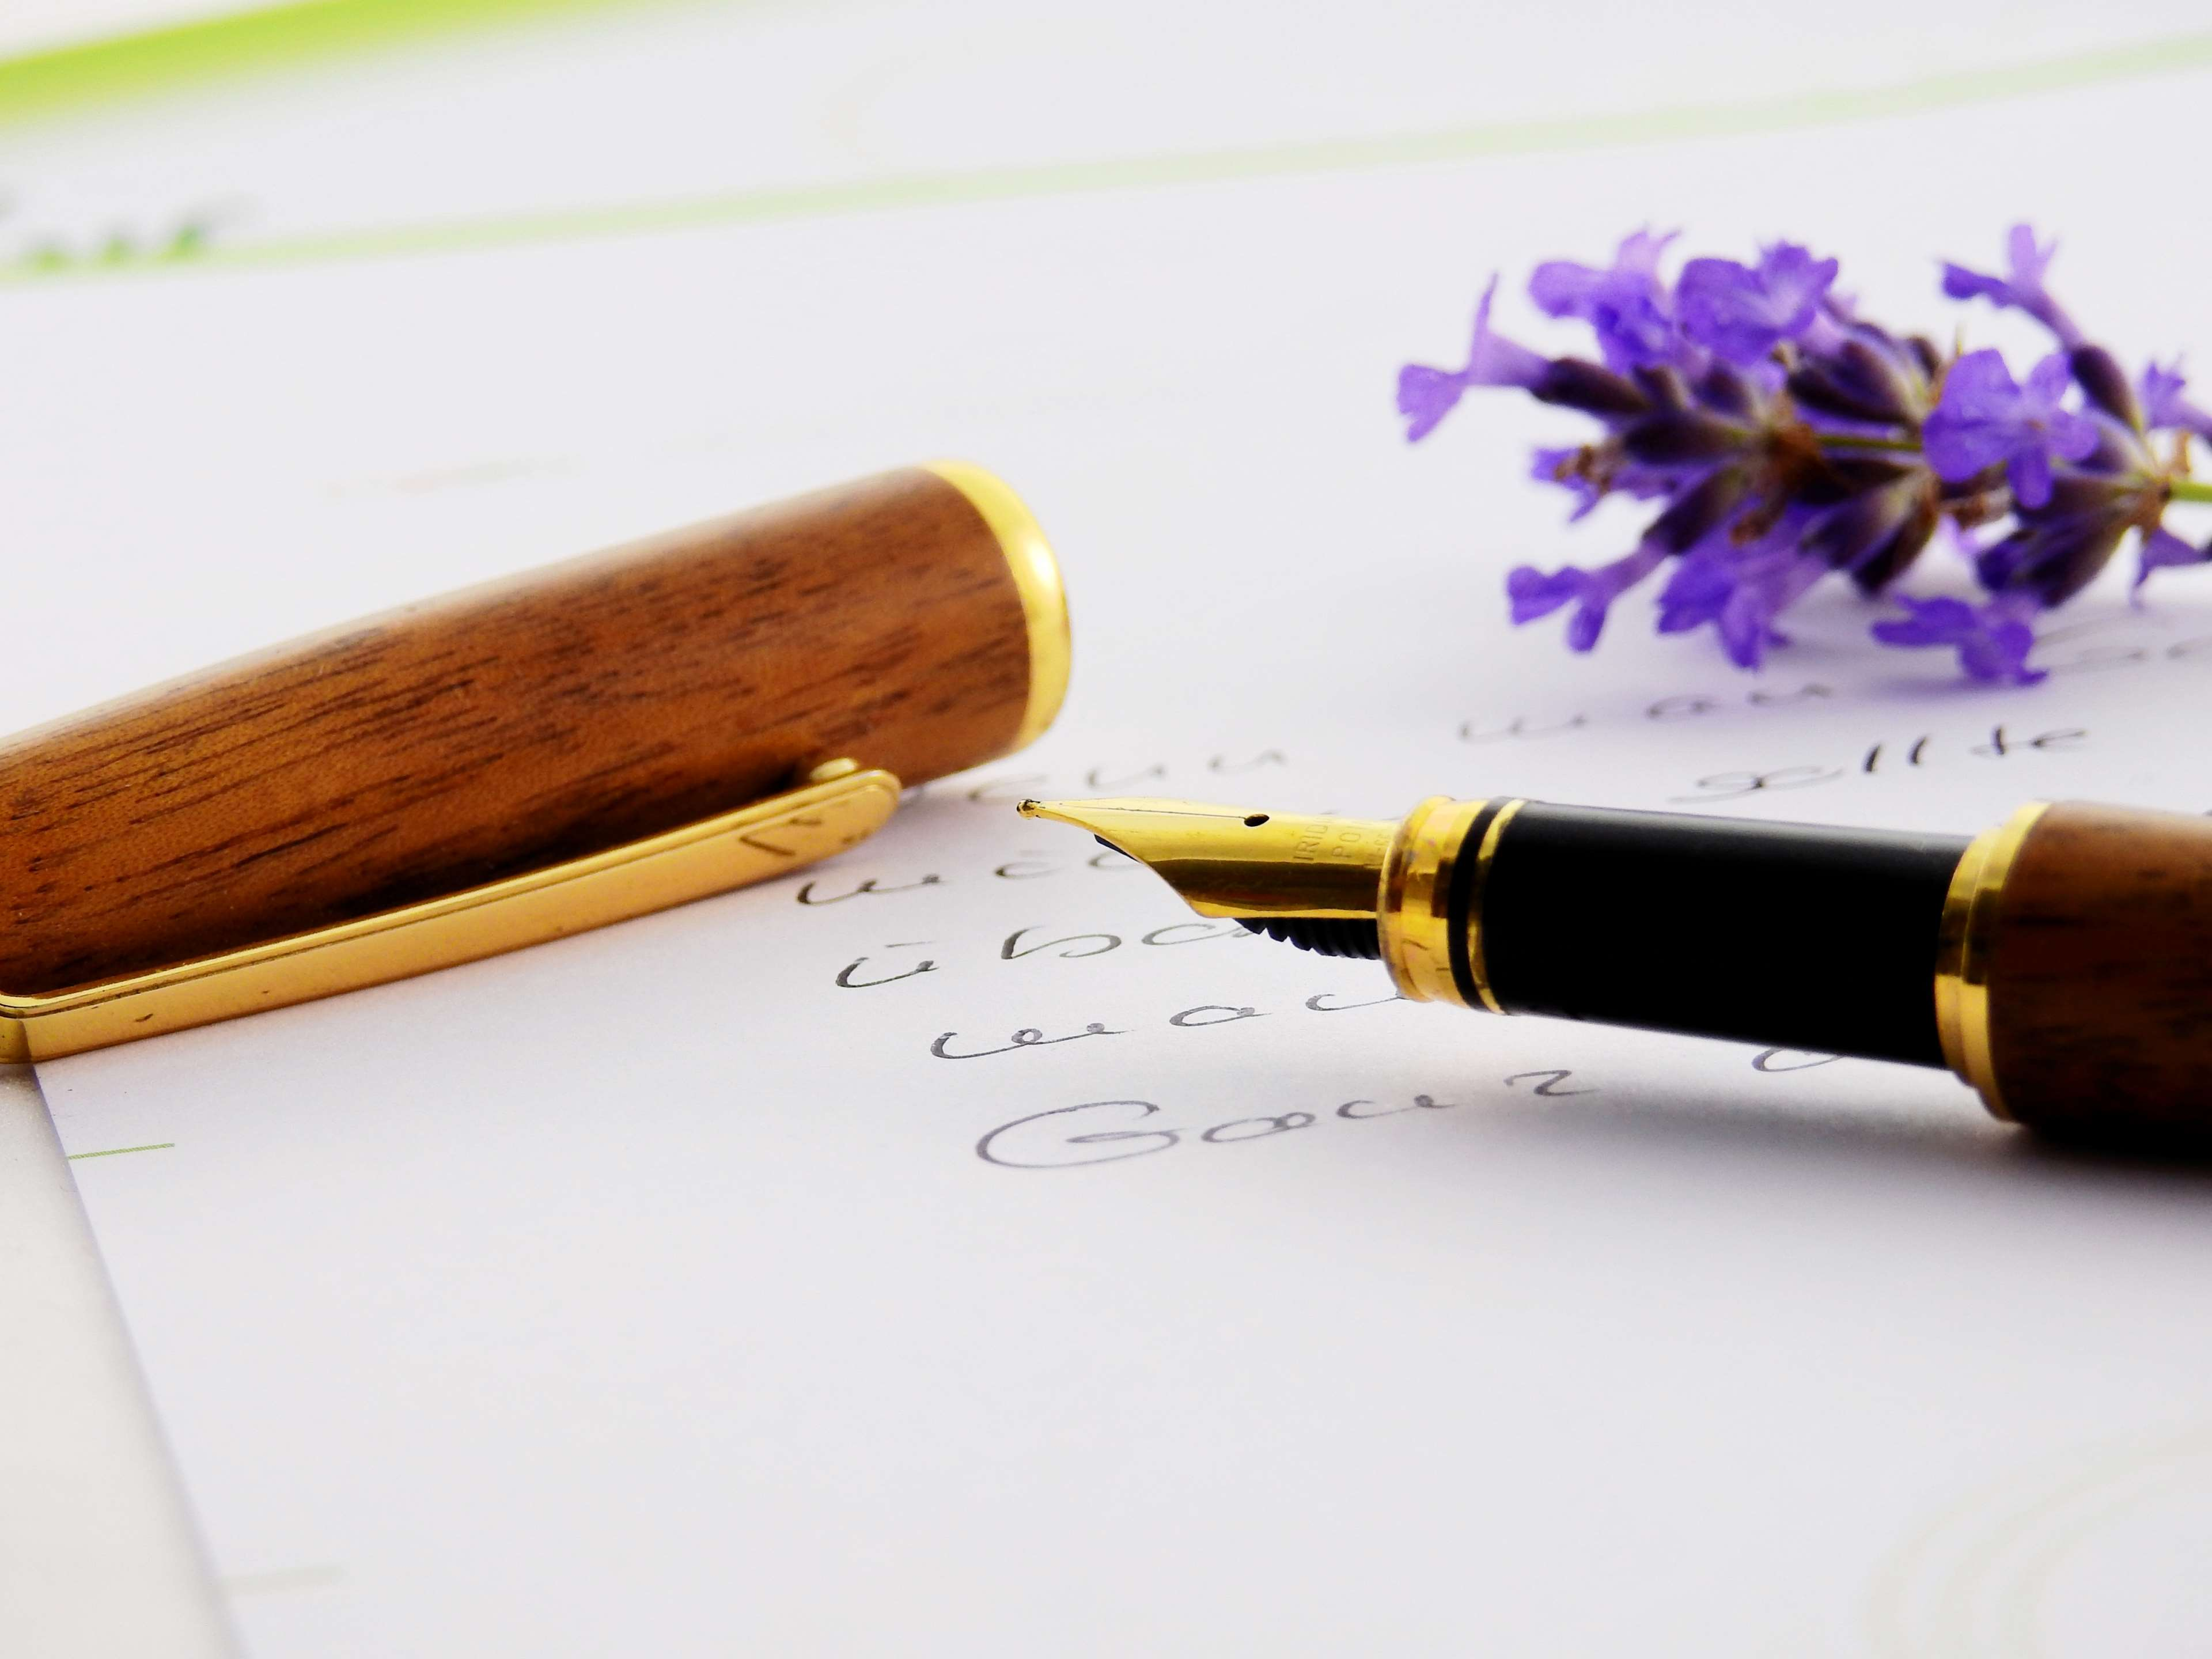 Desk Flowers Fountain Pen Paper Pen Writing 4k Pen